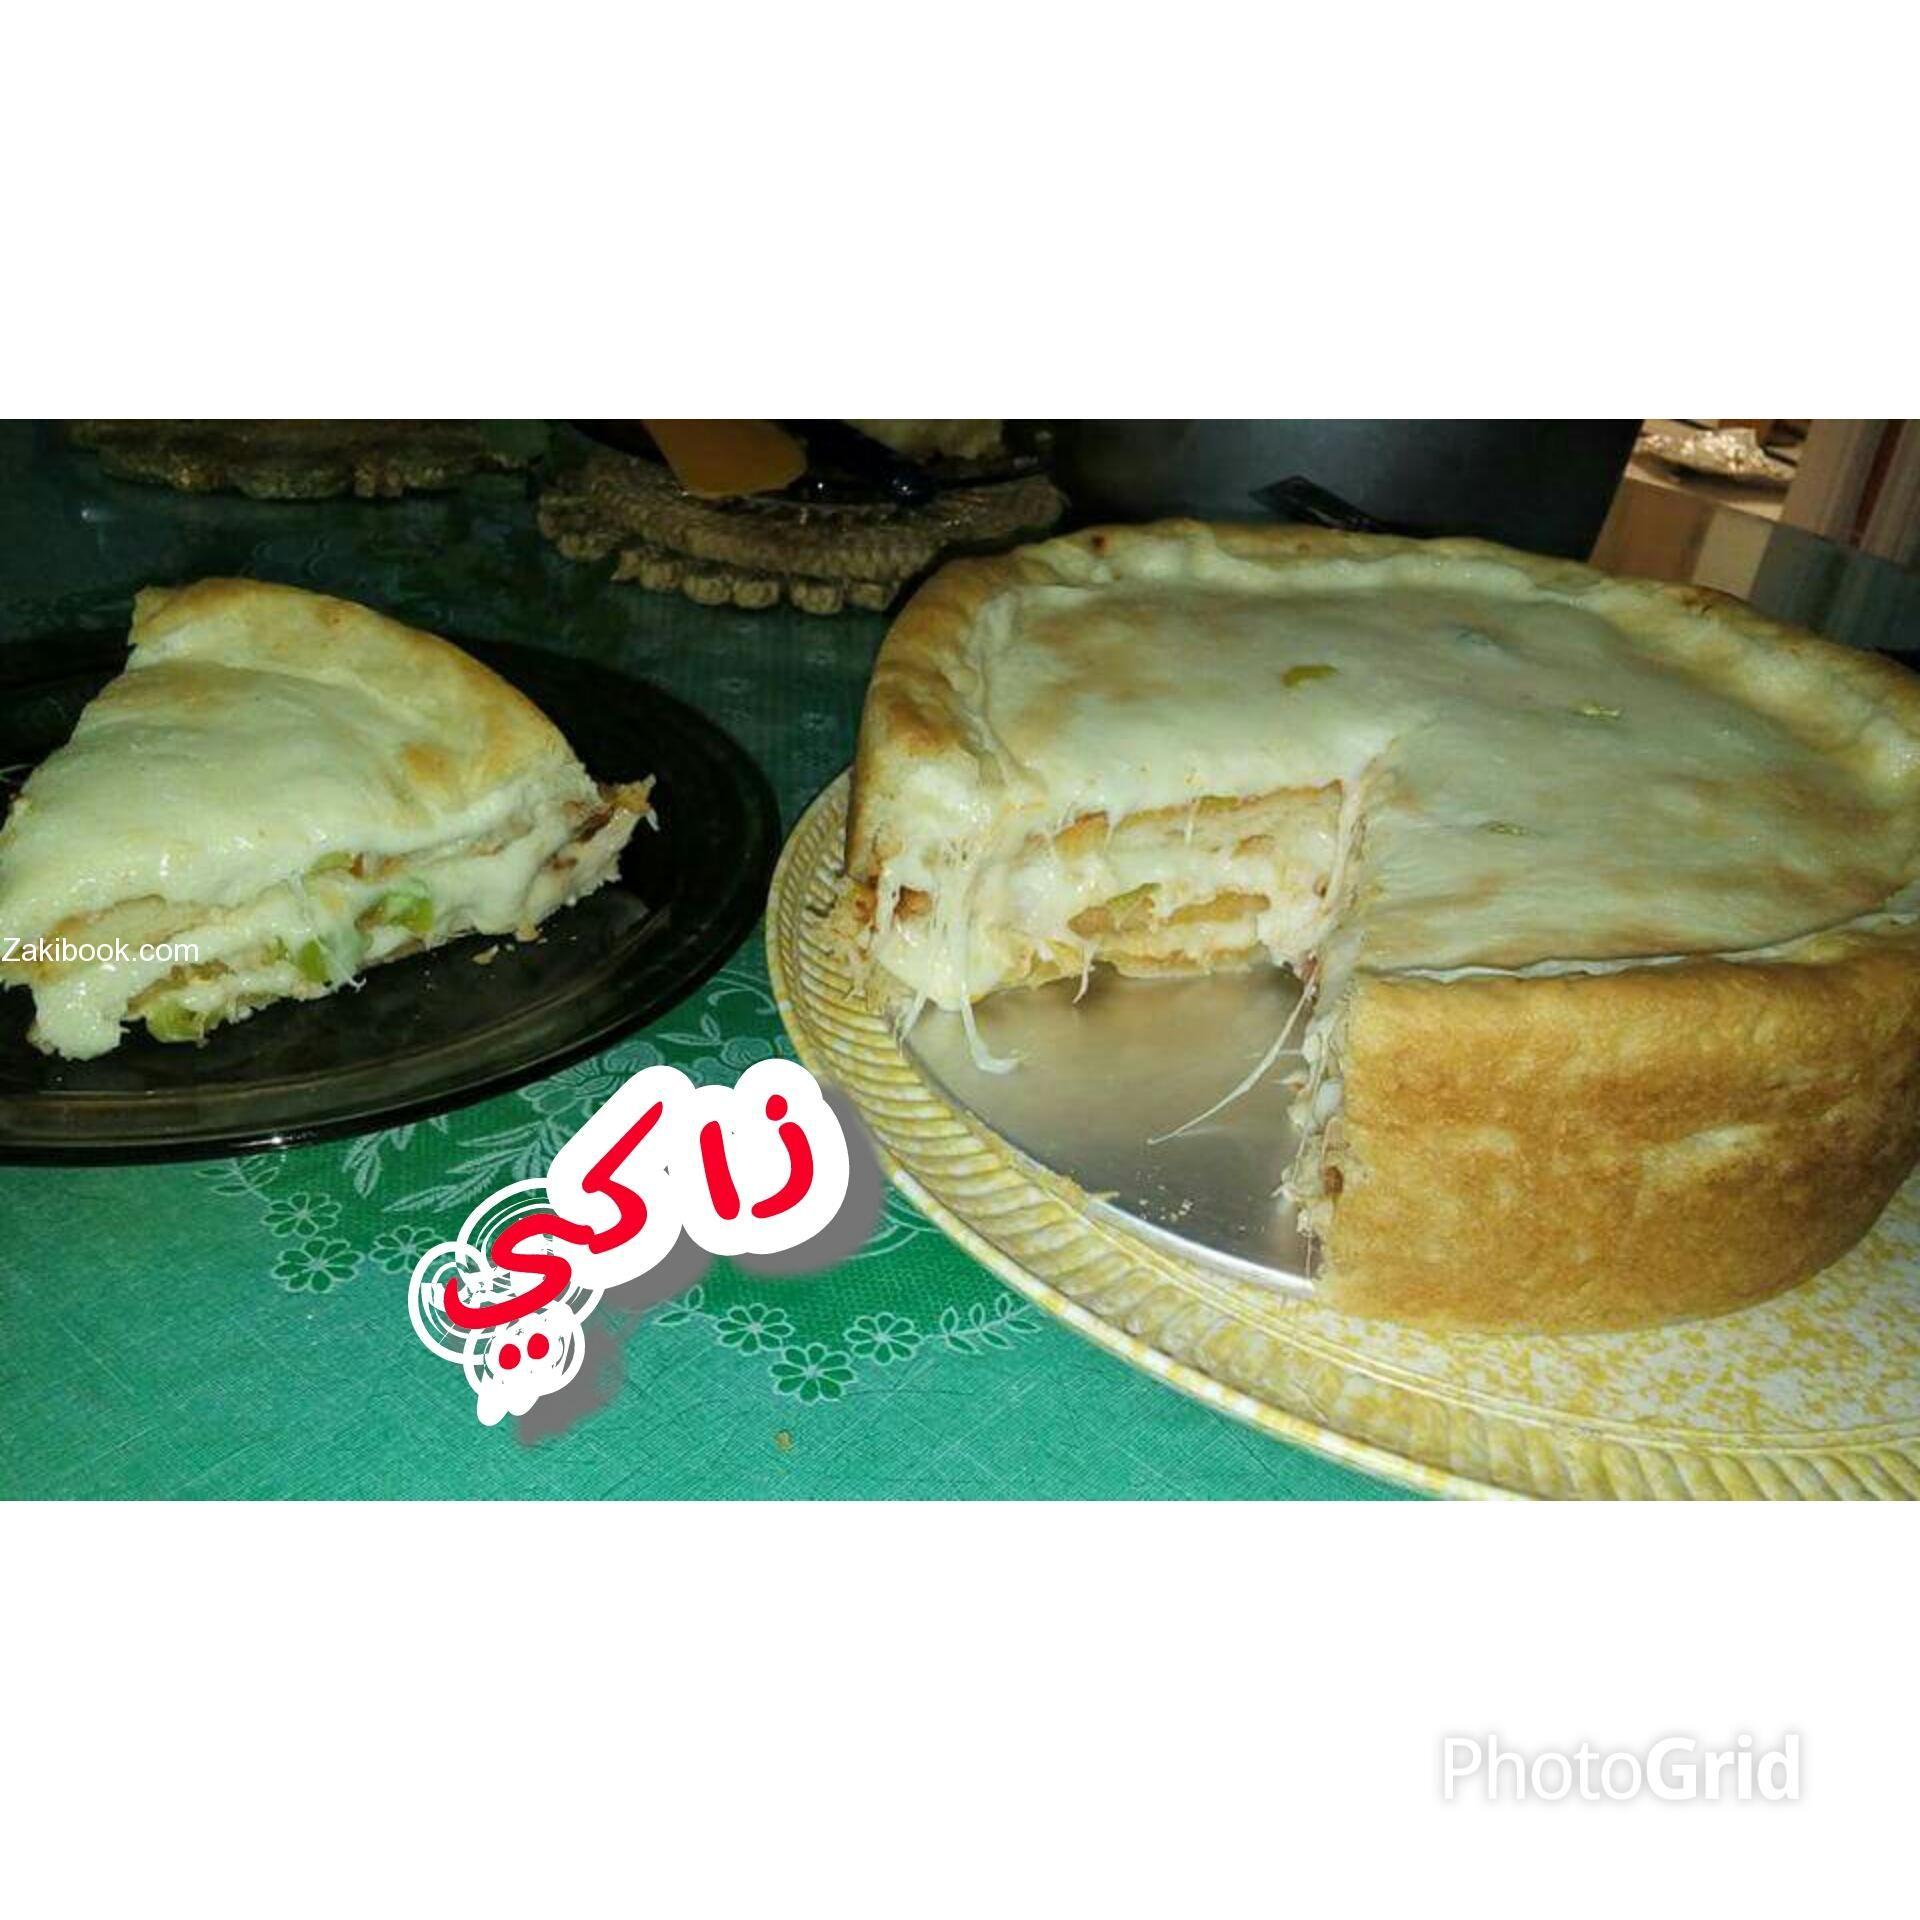 كيكة البيتزا Pizza Cake زاكي Pizza Cake Food Main Dishes